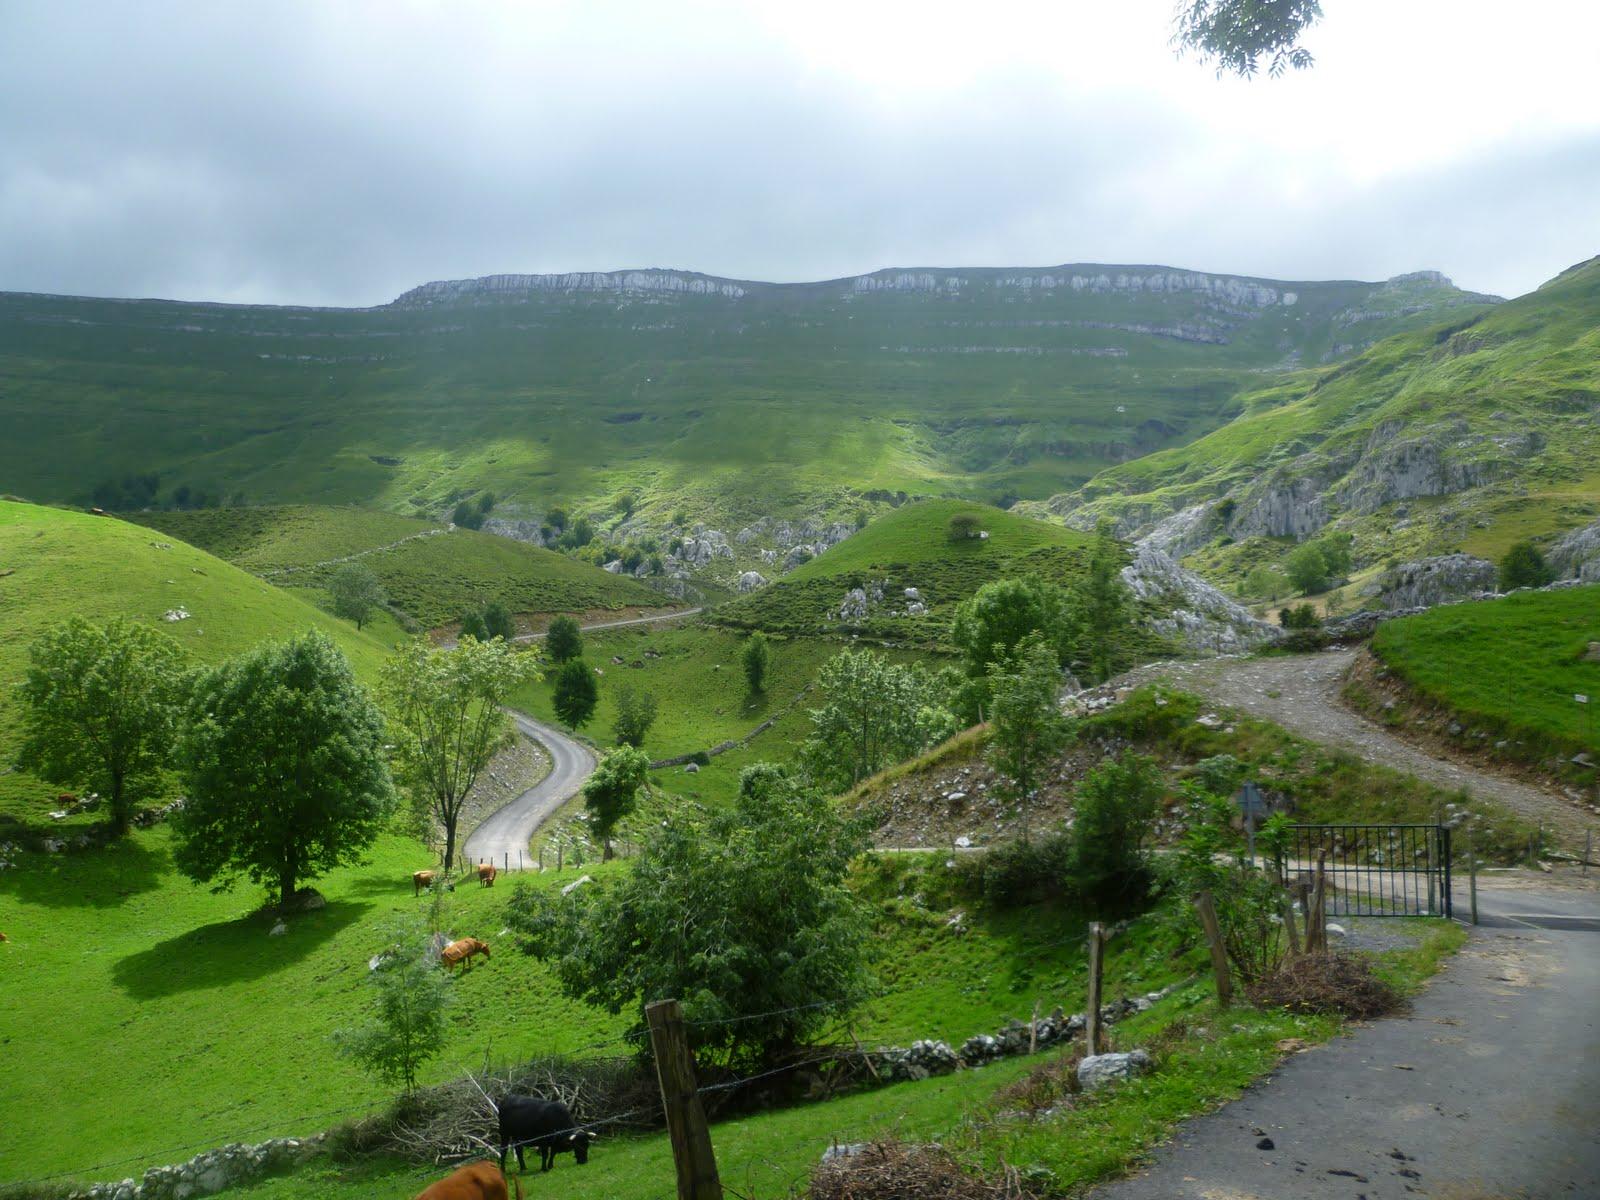 Genoeg gras voor de koeien (Foto: Panoramio)